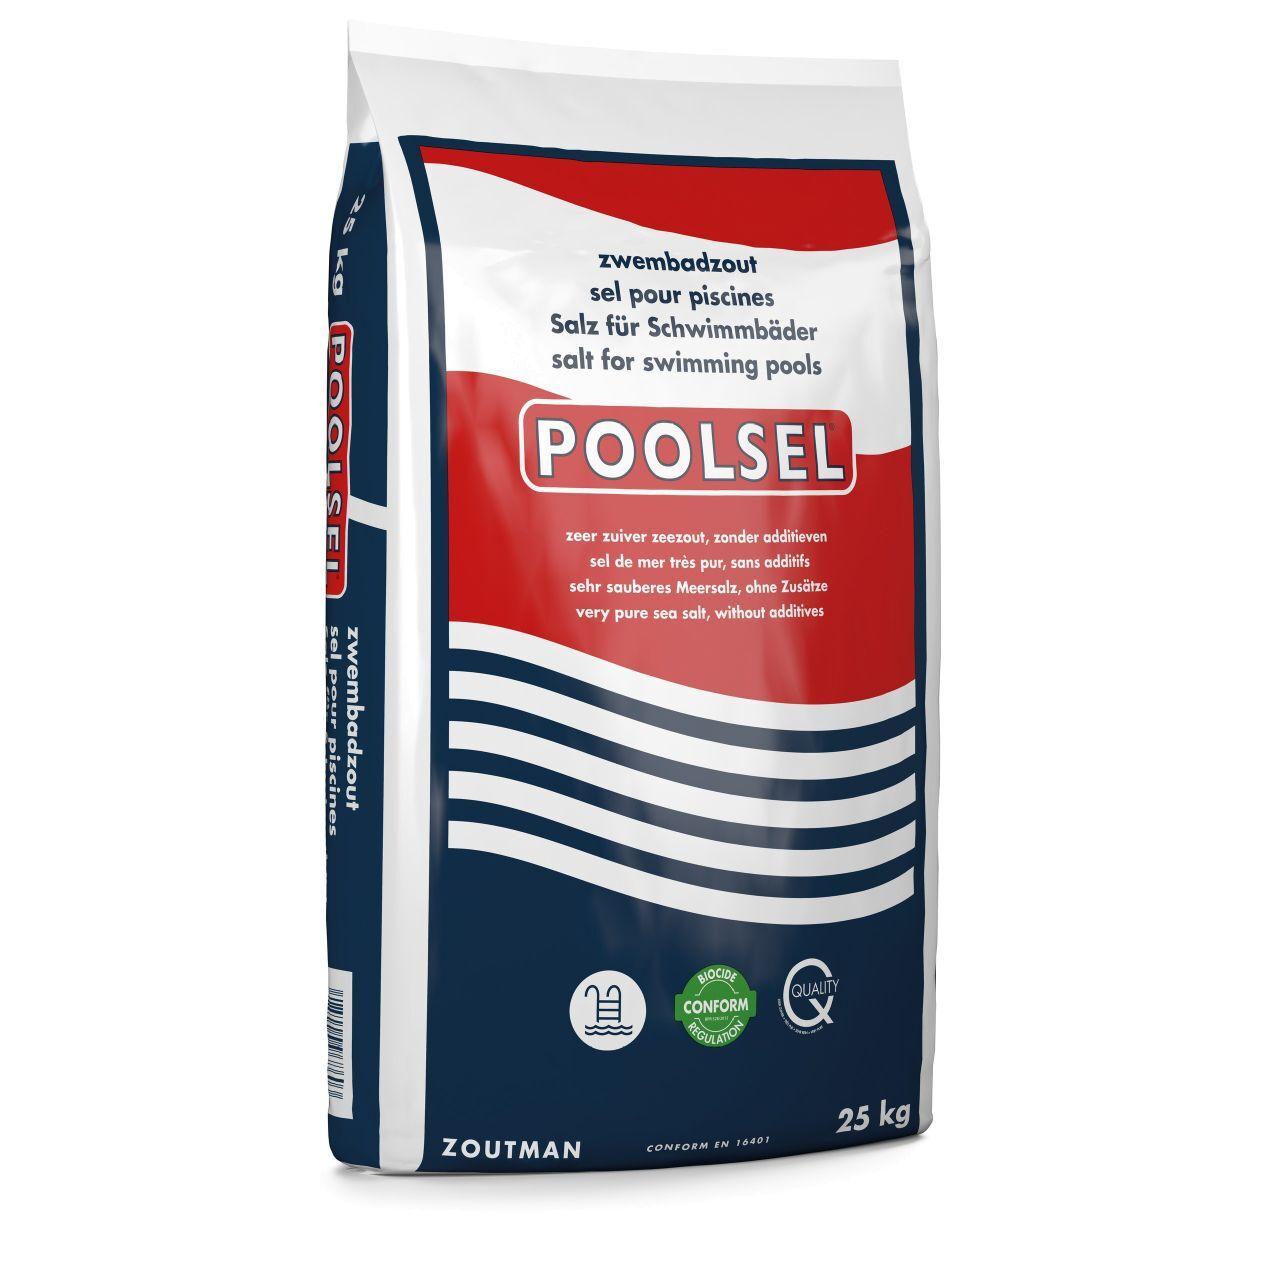 Höfer Chemie Sel de mer pour électrolyse au sel 25 kg Poolsel®